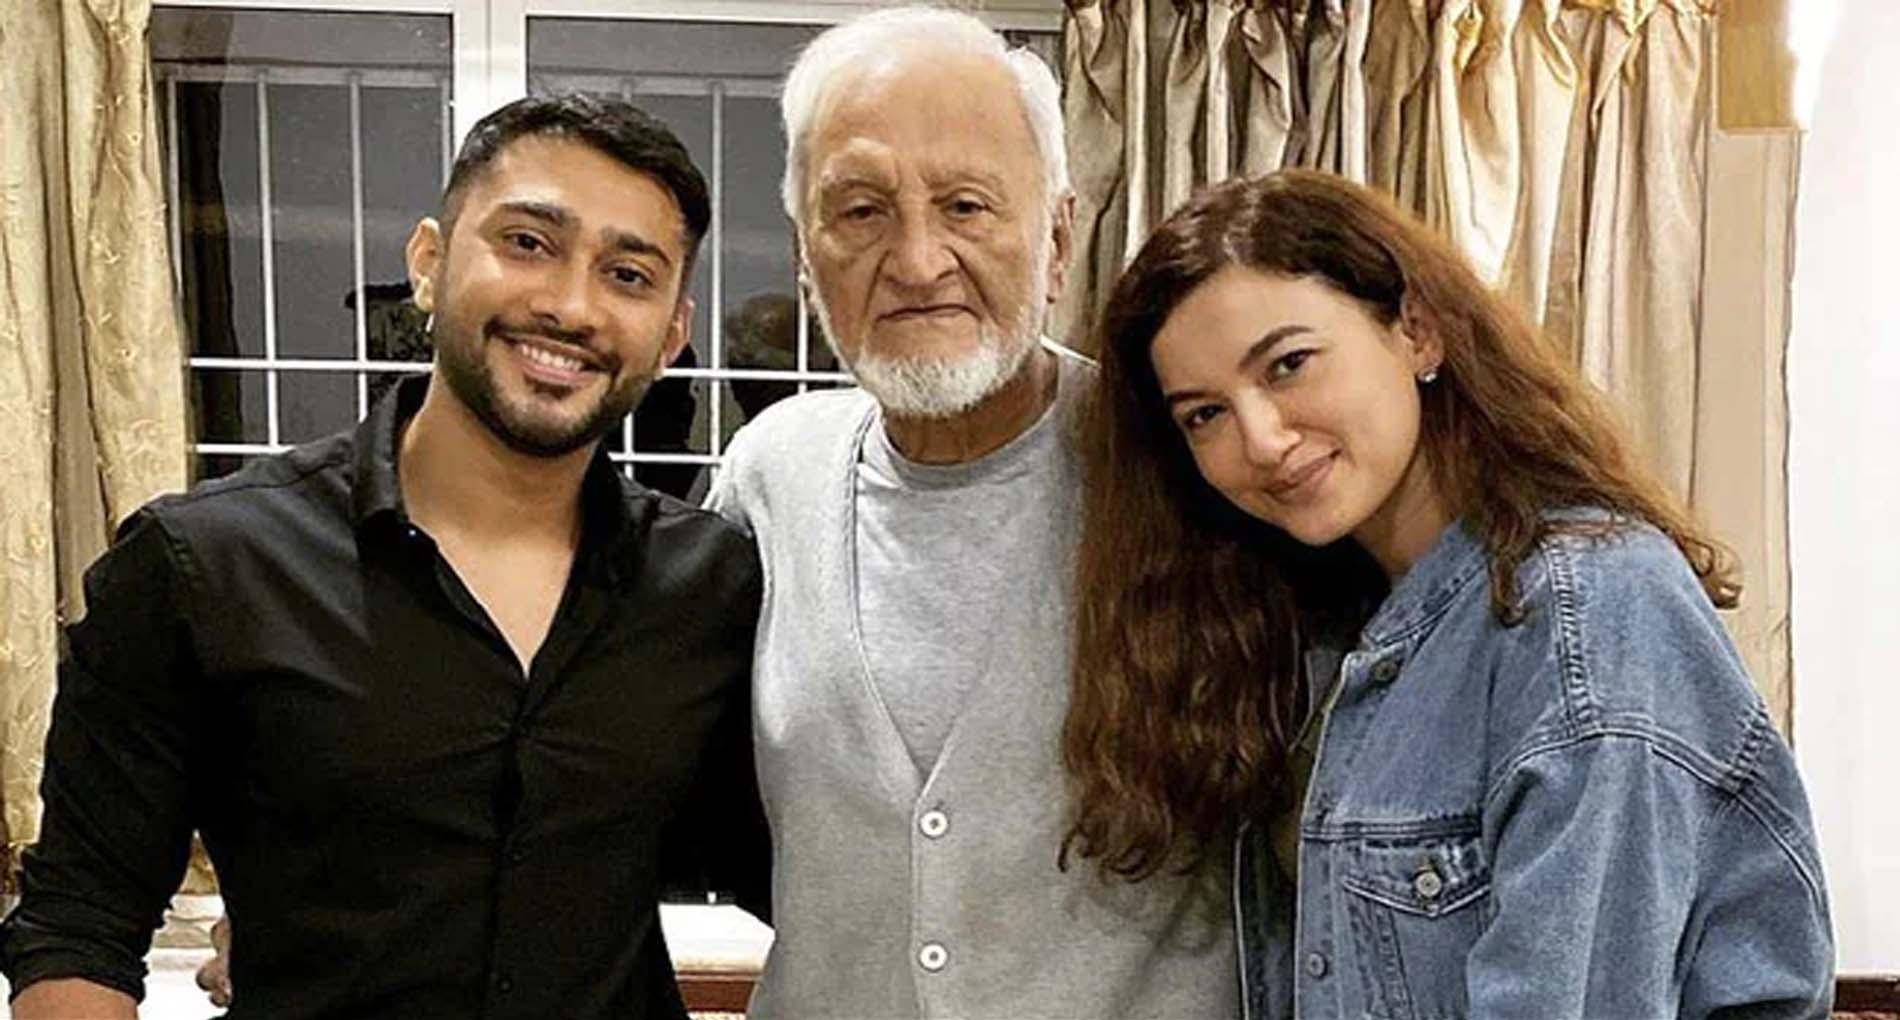 टीवी एक्ट्रेस गौहर खान के पिता का निधन, लंबे समय से चल रहे थे बीमार